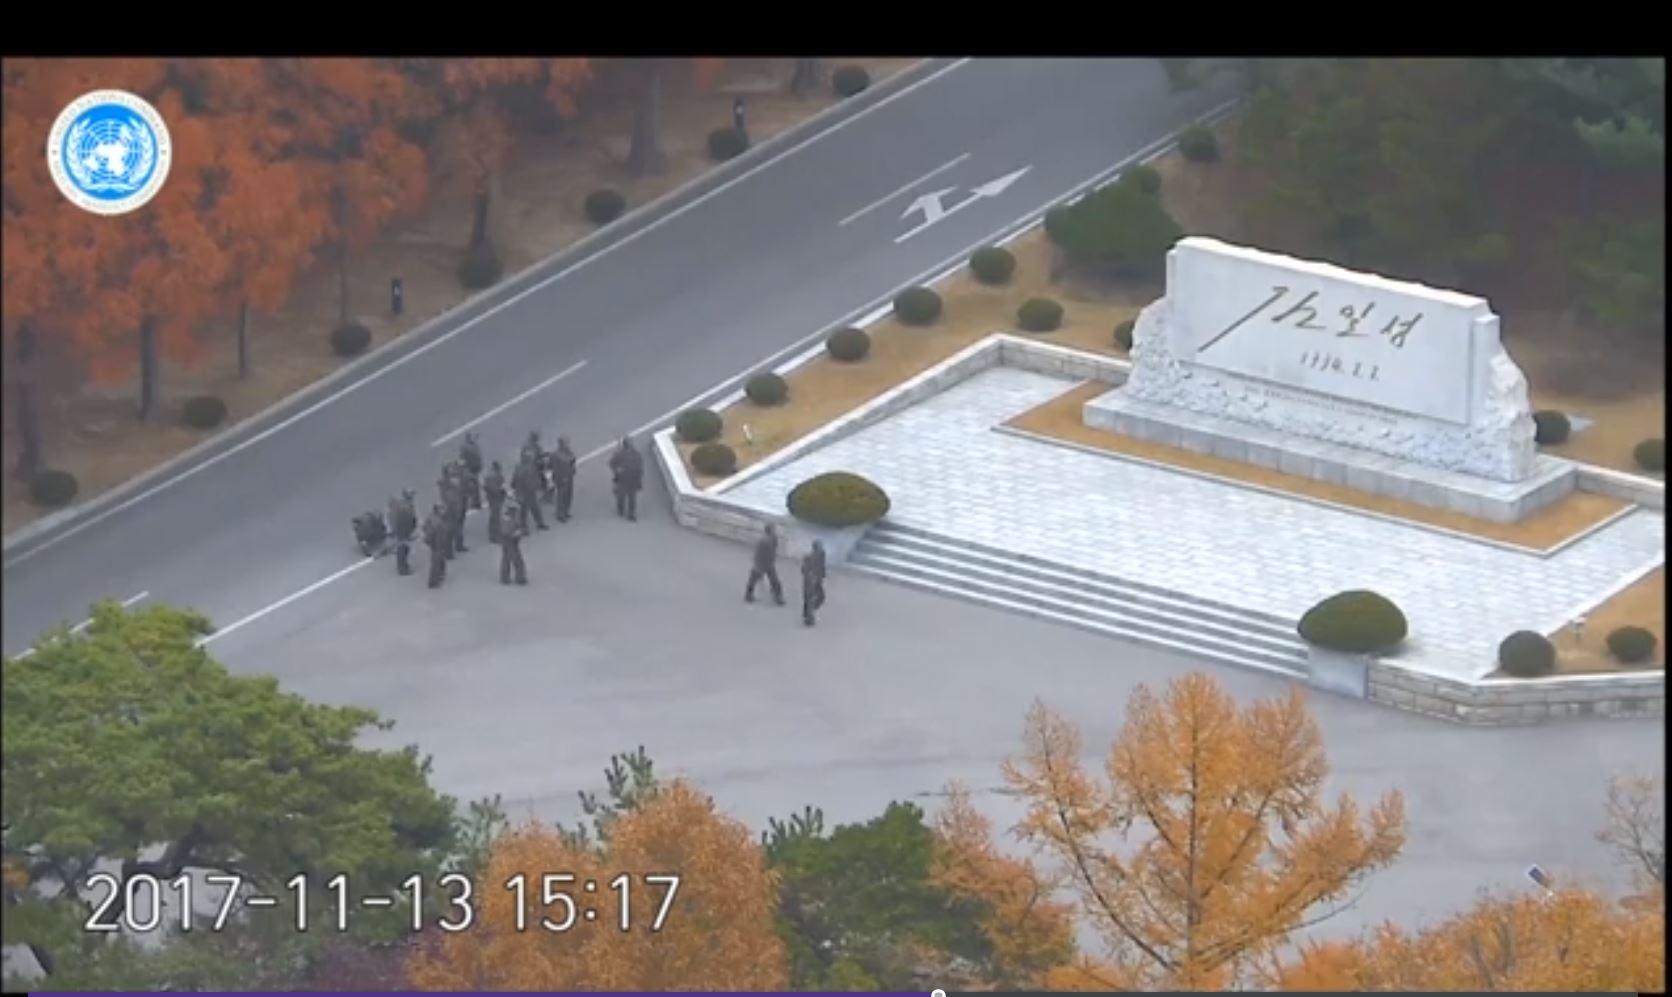 Balean a soldado norcoreano que deserta y huye a Corea del Sur